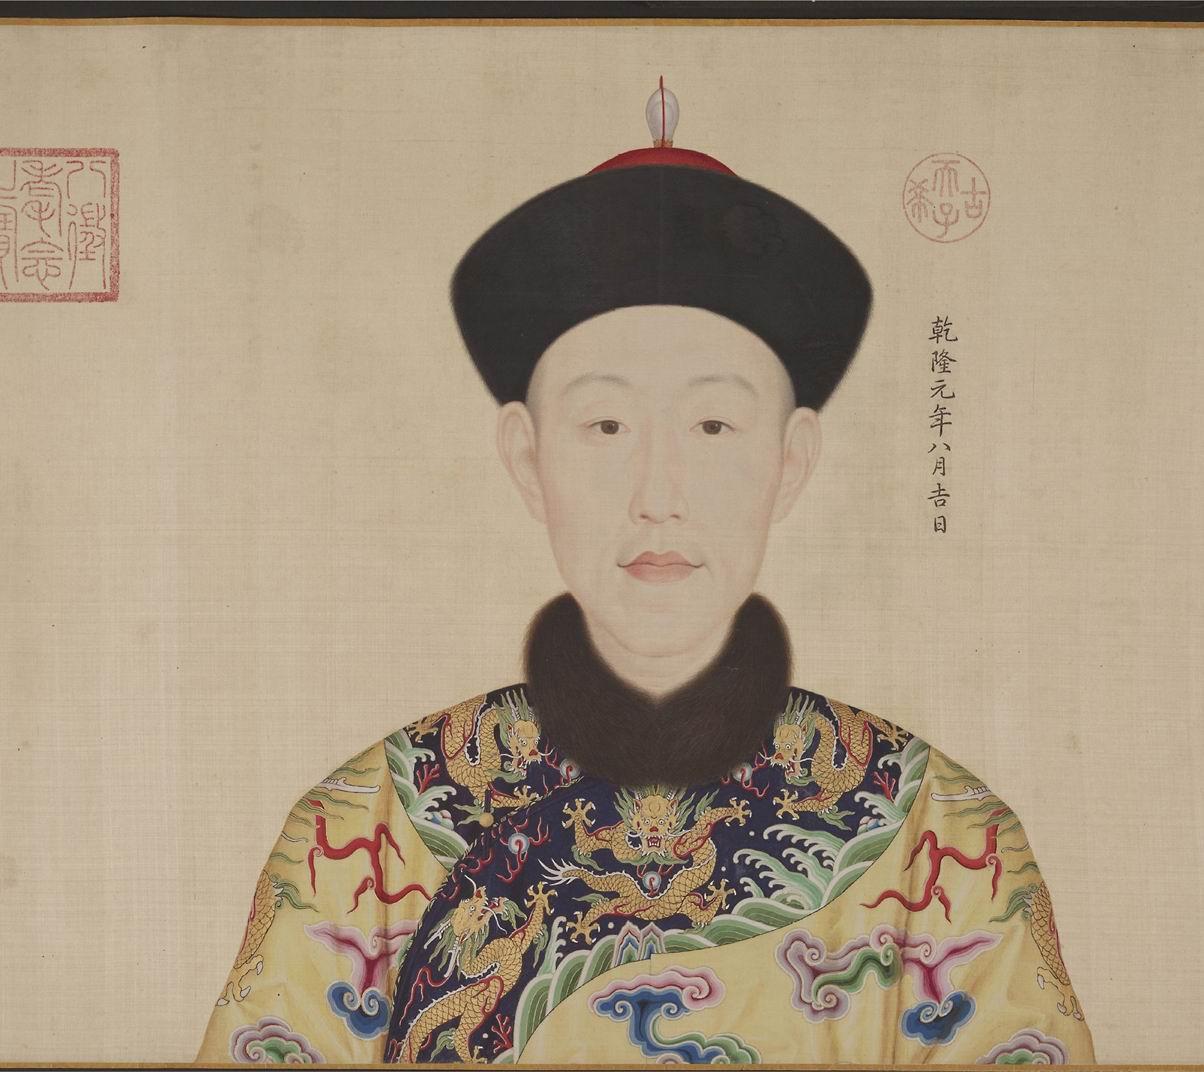 心写治平 乾隆帝后和十一位妃子肖像 无水印大图重新上传图片